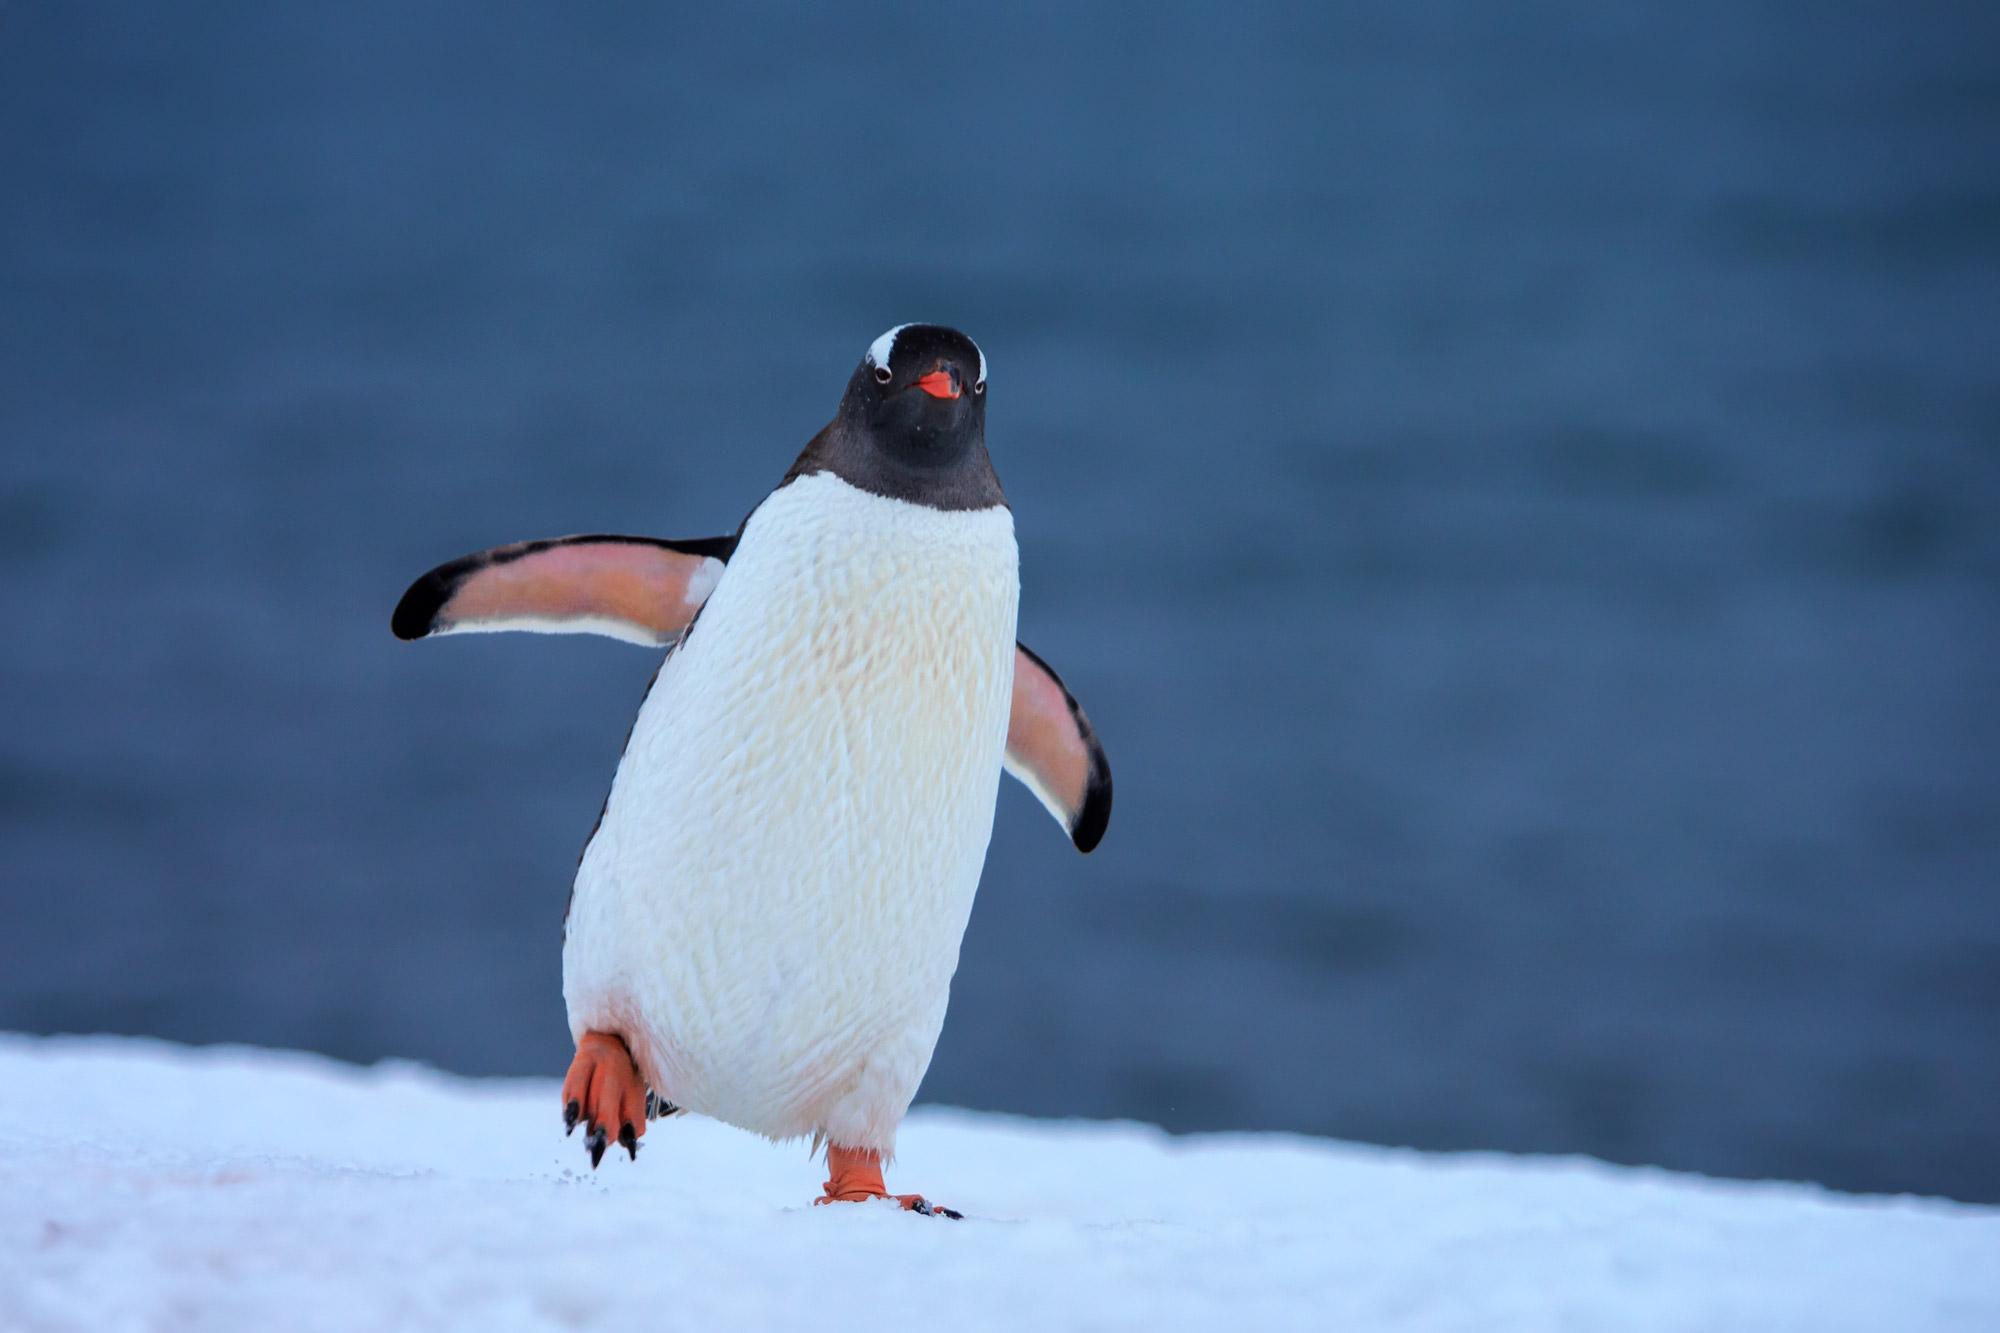 Penguin, Antarctica, photo